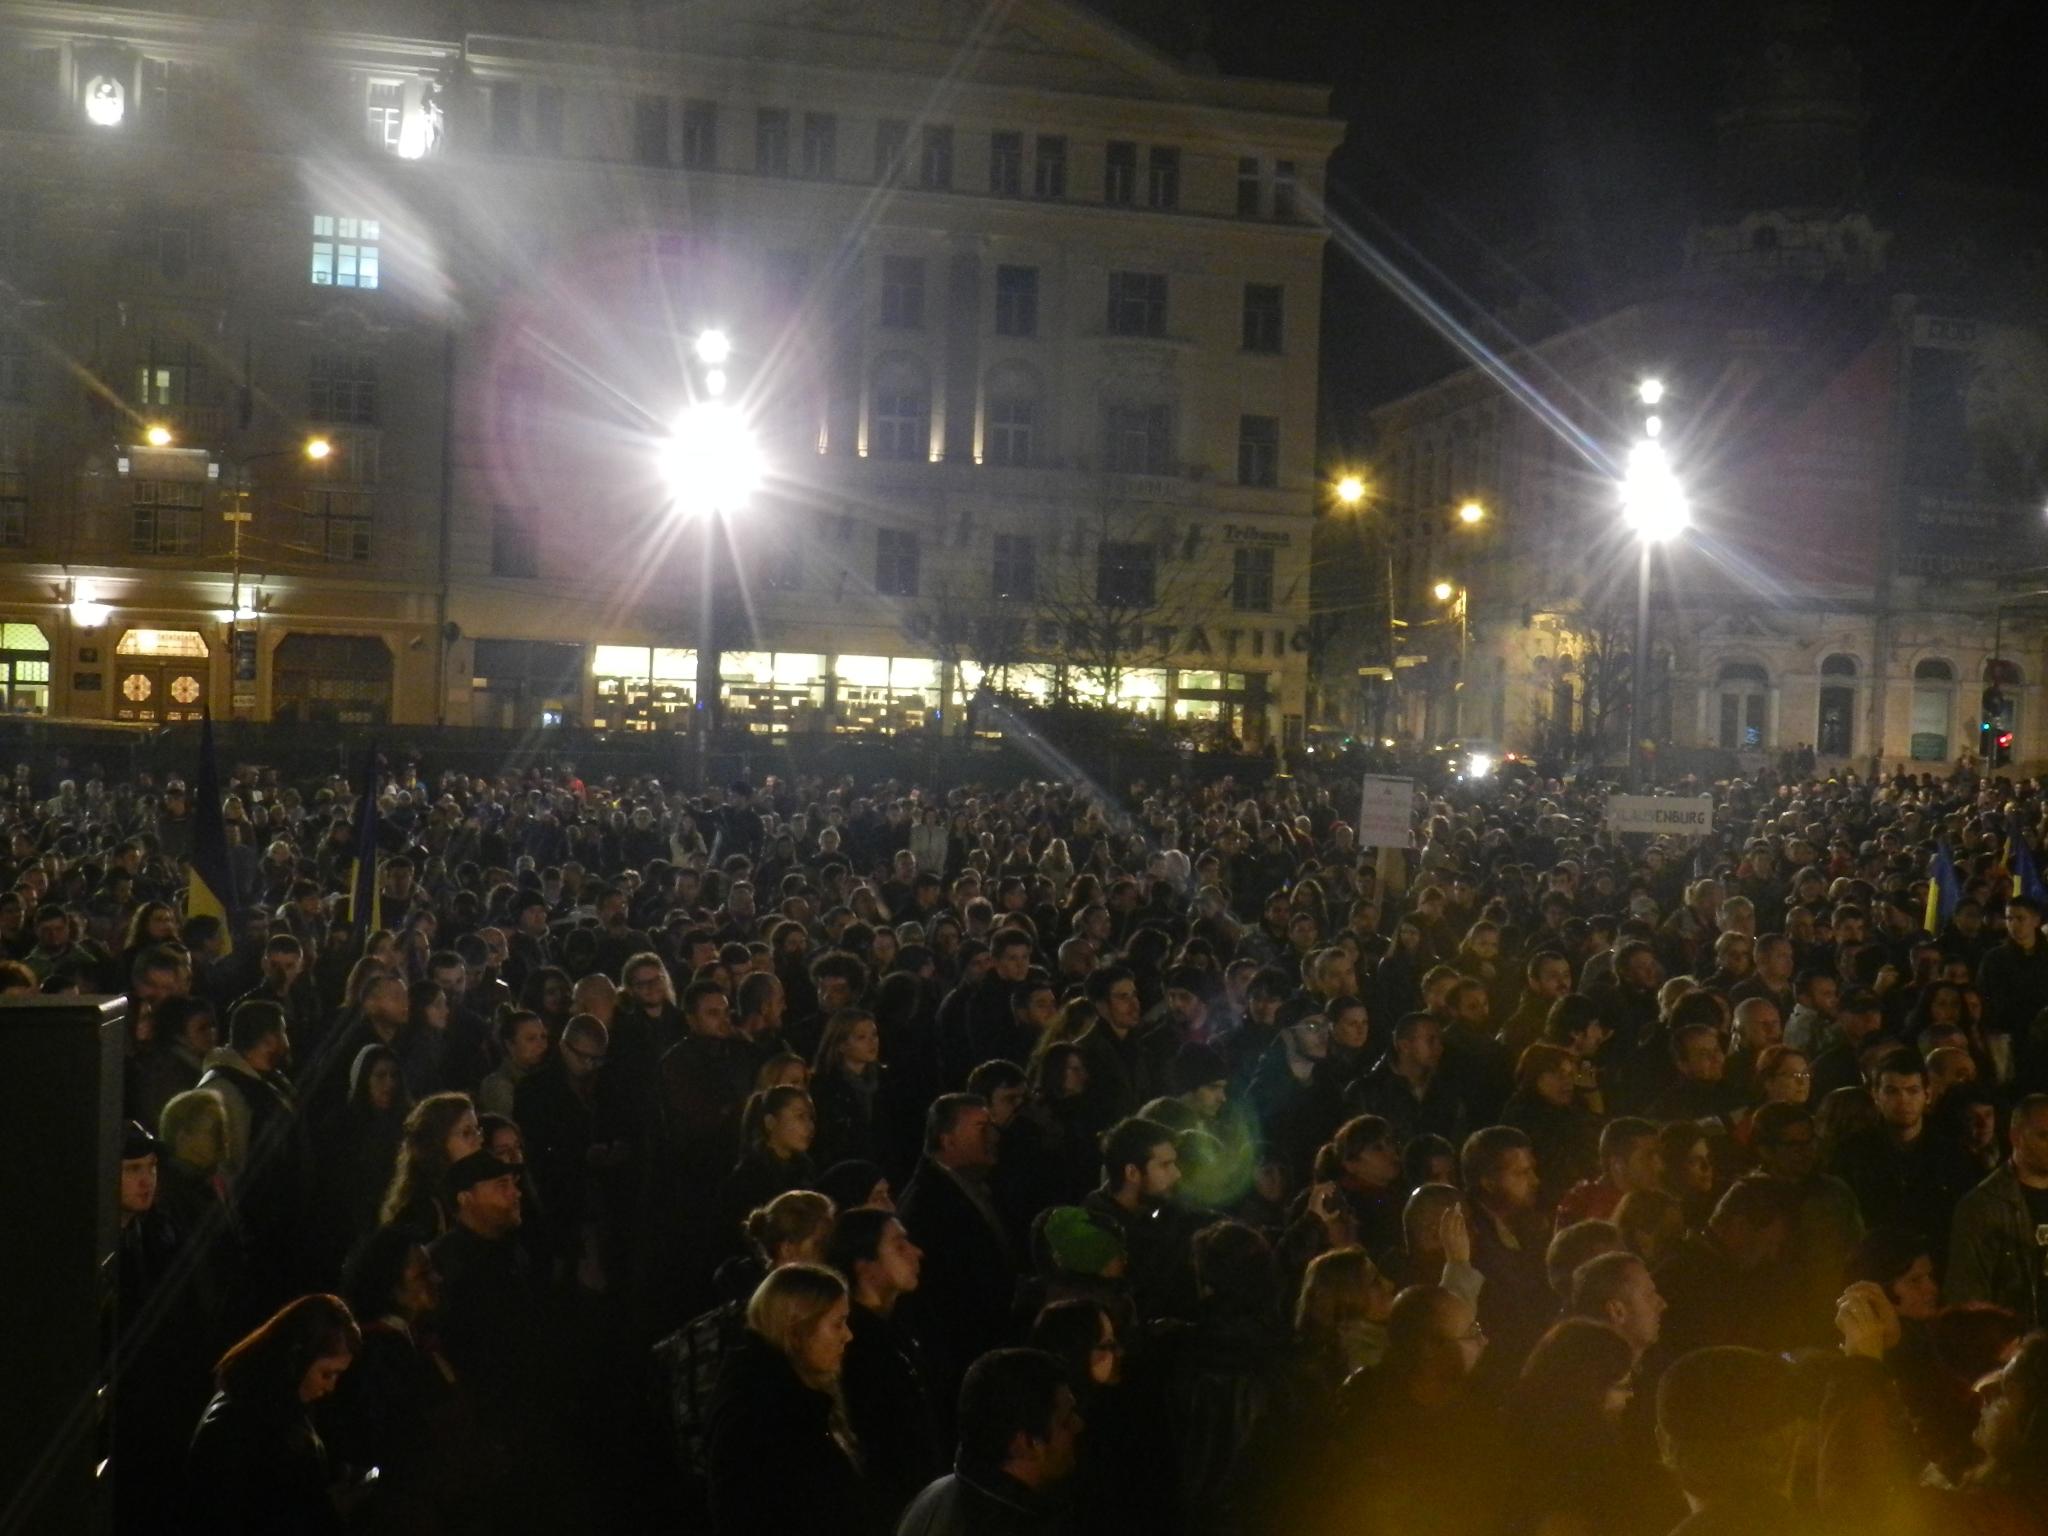 Clujenii ies din nou la protest pentru a-i cere demisia lui Victor Ponta – Piata Unirii – ora 19